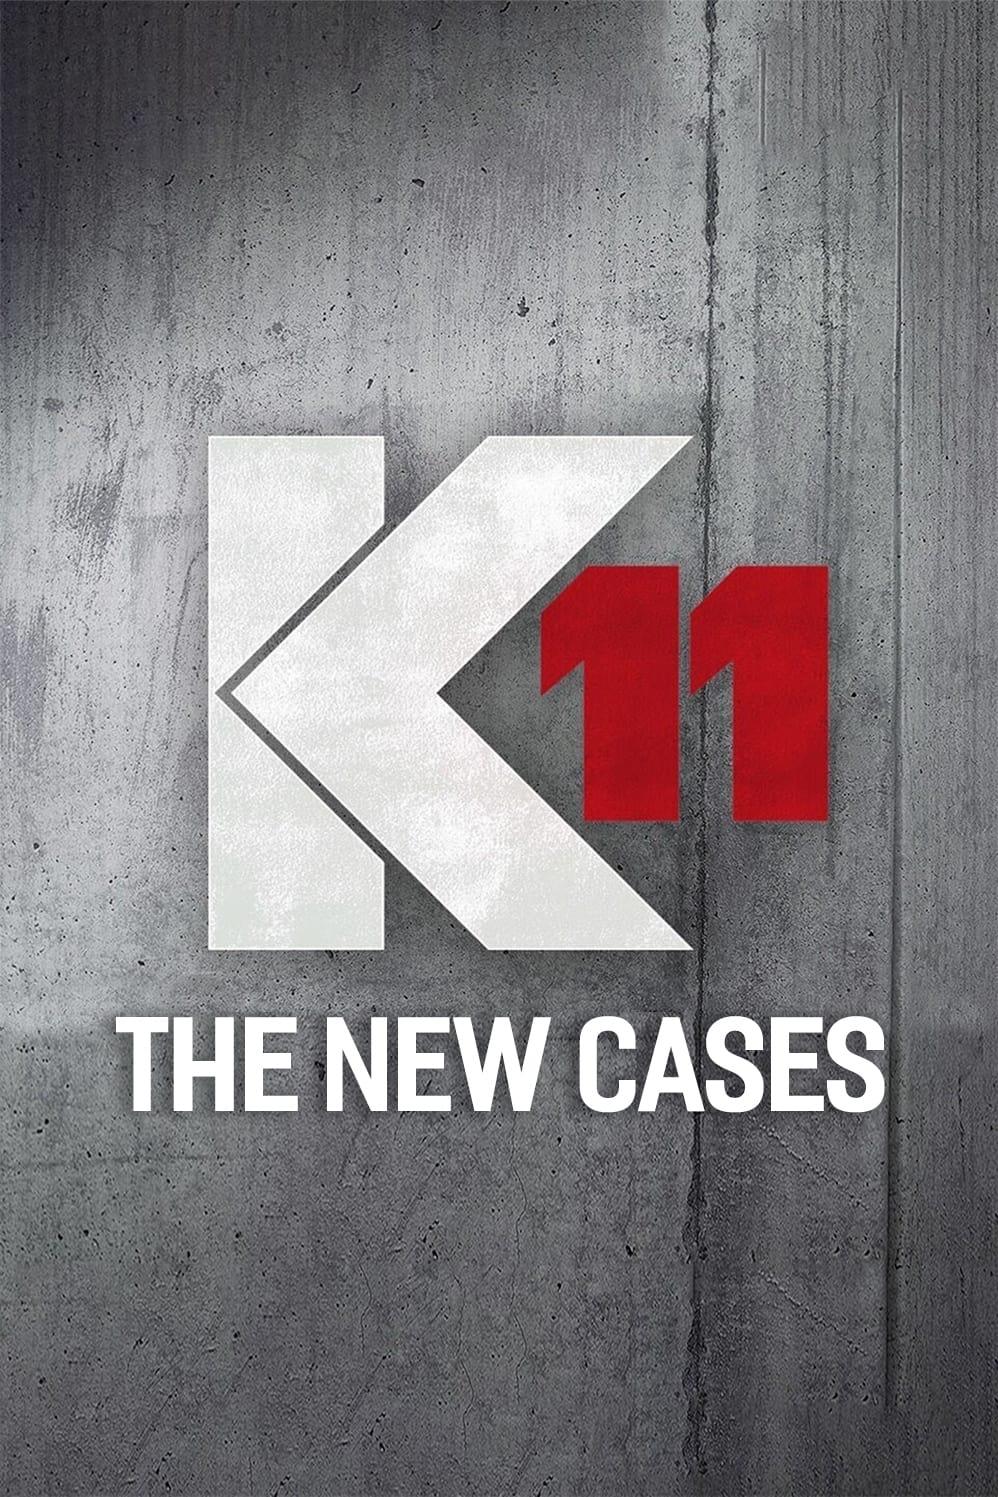 K11 - Die neuen fälle TV Shows About Police